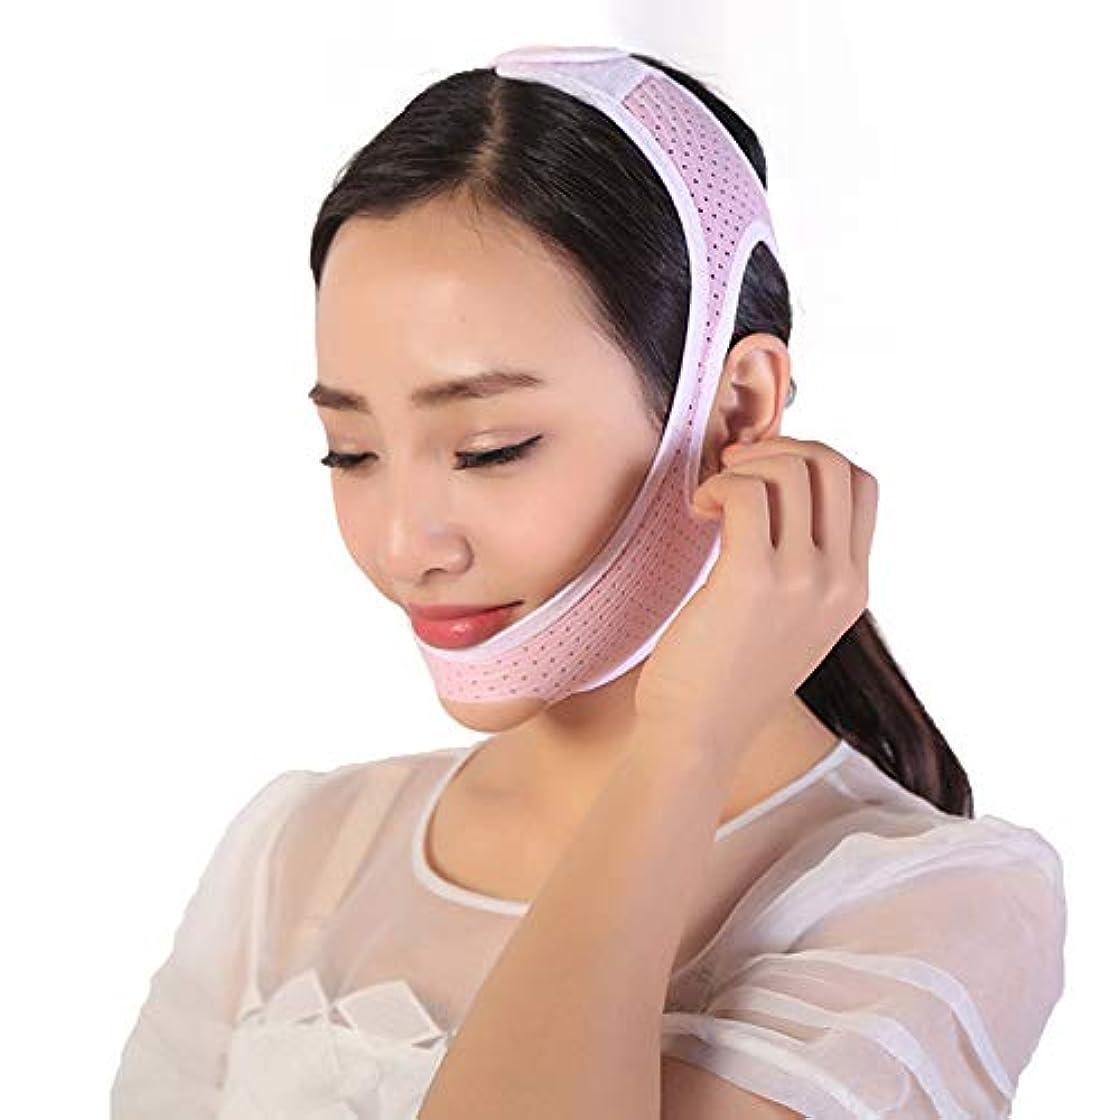 講師判定招待GYZ フェイシャルリフティングスリミングベルト - 薄型フェイス包帯ダブルチンデバイスフェイシャルマッサージアンチエイジングリンクルフェイスマスクベルト Thin Face Belt (Size : L)